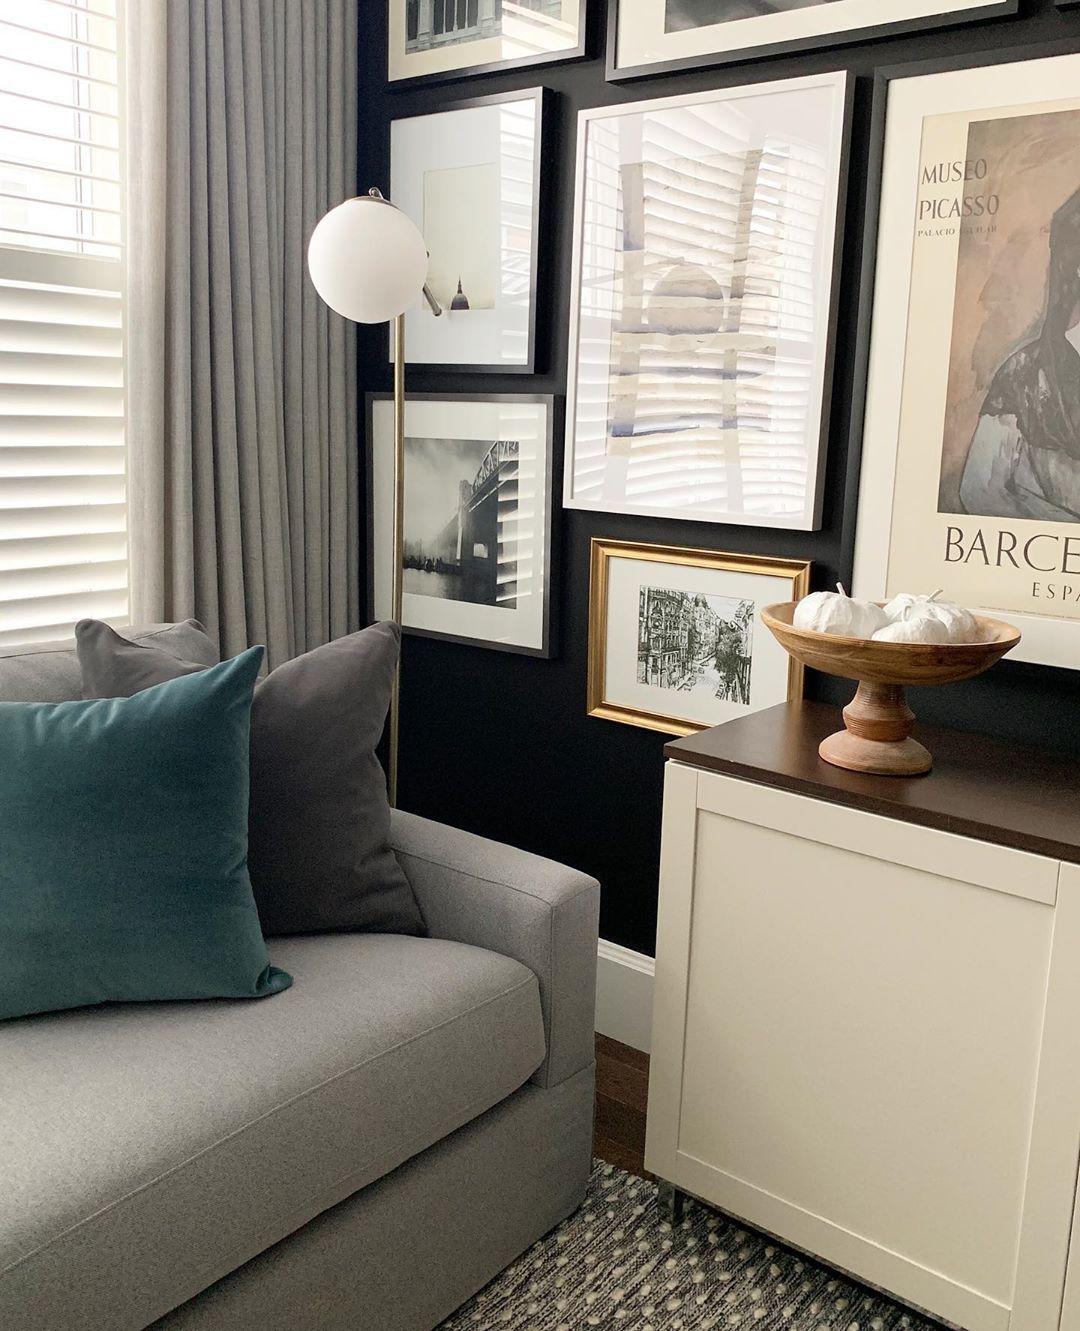 Vanessa Francis On Instagram Sneak Peek Of My Living Room Feel Like A Grown Up Now As My Living Room Finally Feels P Living Room Room Interior Design Sneak peek living room